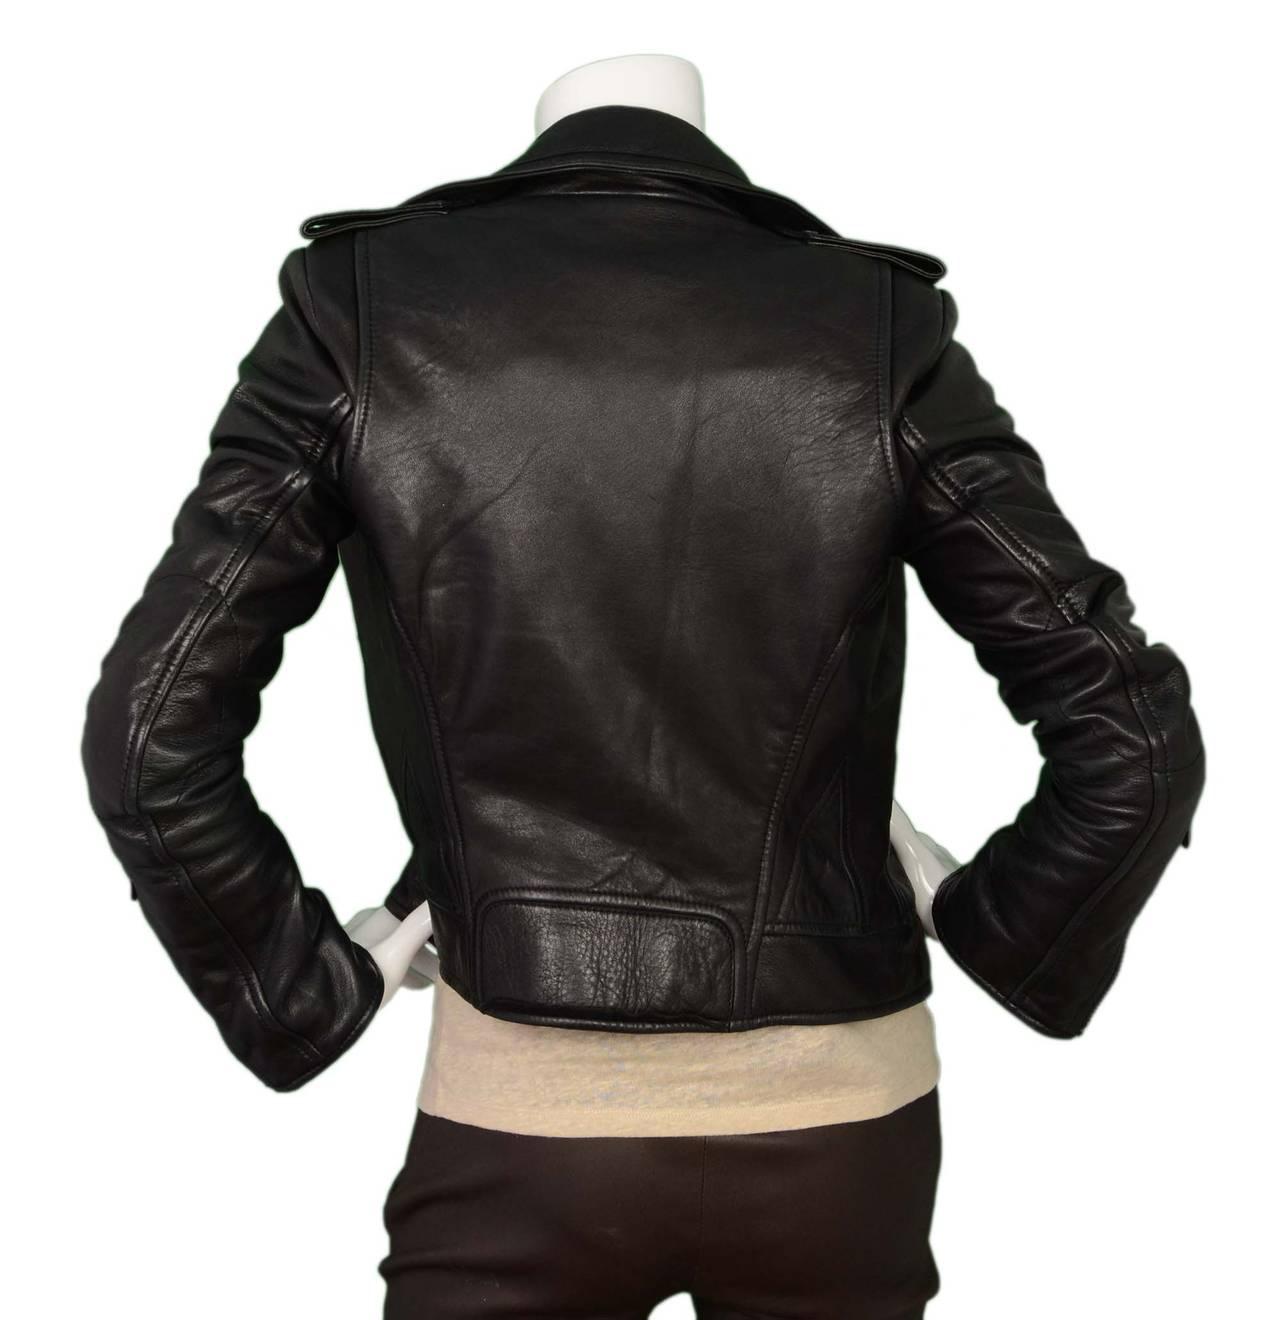 BALENCIAGA Black Leather Biker Jacket sz 34 4